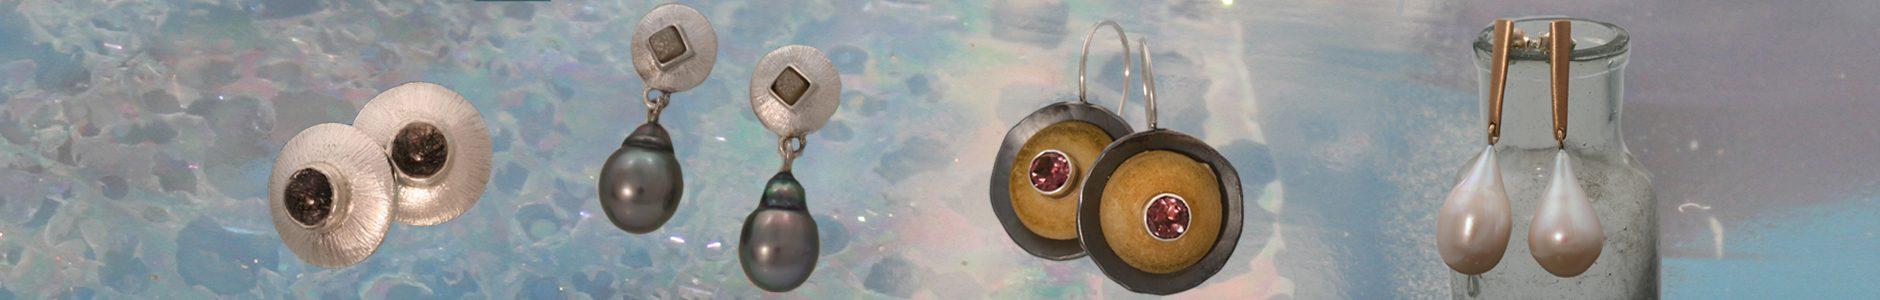 Zilveren oorknoppen met toermalijnkwartsen, zilveren oorhangers met ongeslepen diamanten en Tahiti parels, oorhangers met schijfjes been en roze toermalijnen, geelgouden oorhangers met roomwitte pareldruppels.